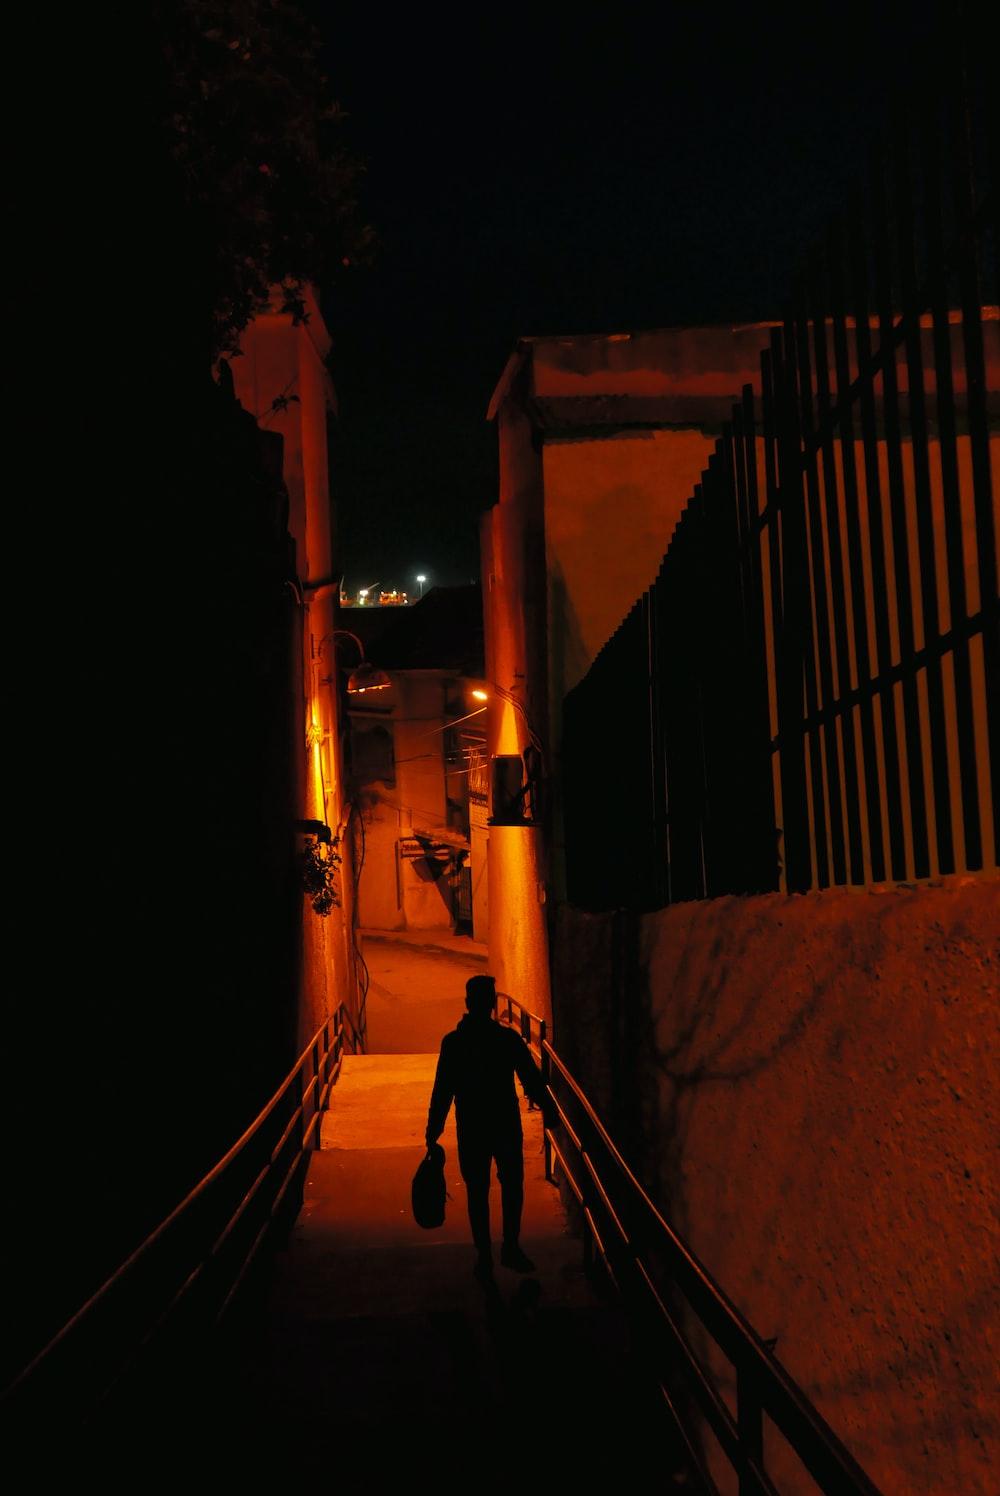 man in black jacket walking on pathway during night time